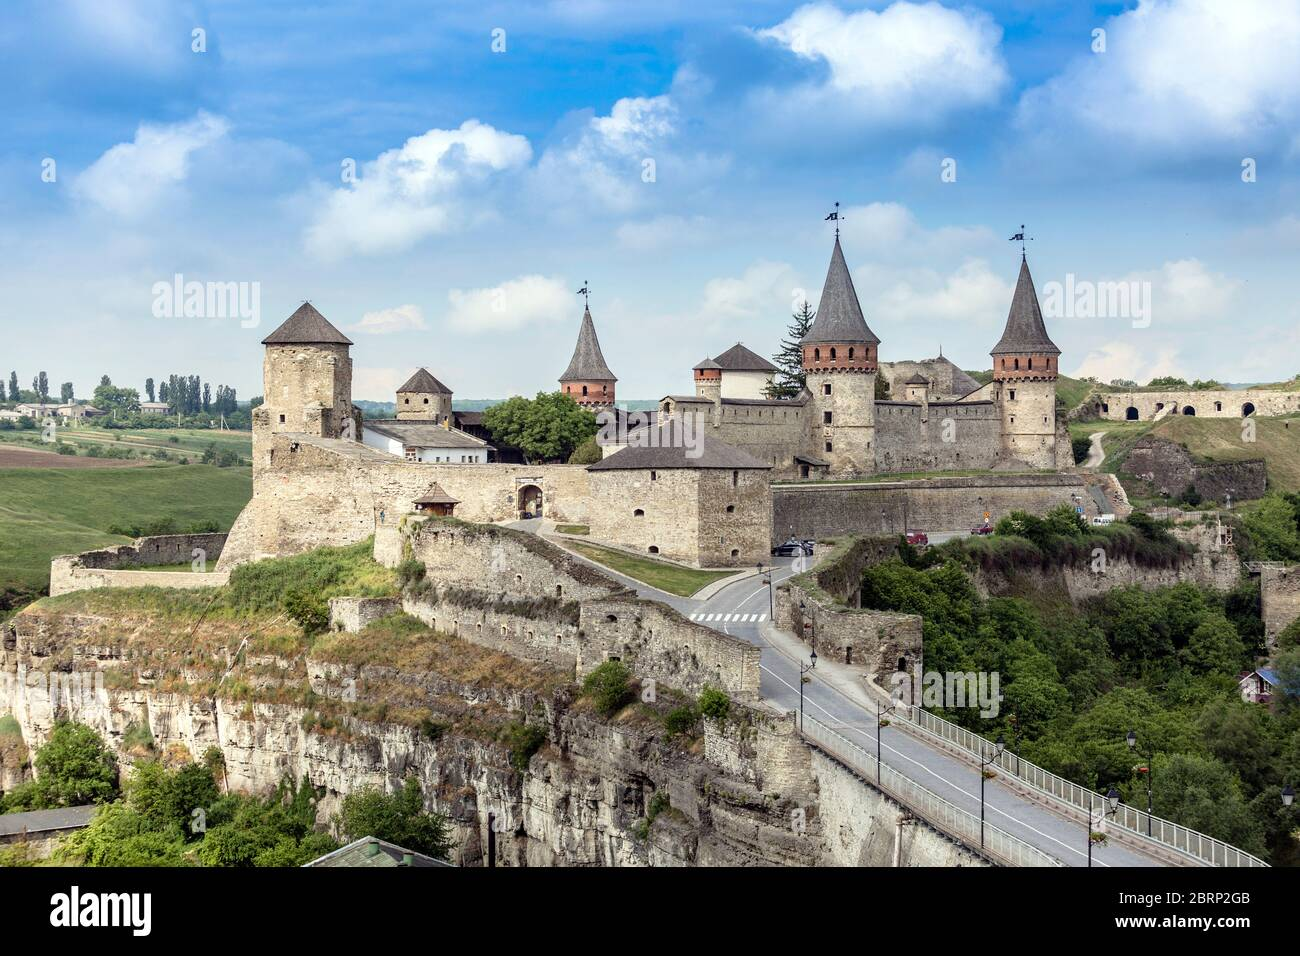 Ancien château médiéval ruthène-lituanien situé dans la ville historique de Kamianets-Podilskyi, en Ukraine. Dominez le Smotrych R environnant Banque D'Images